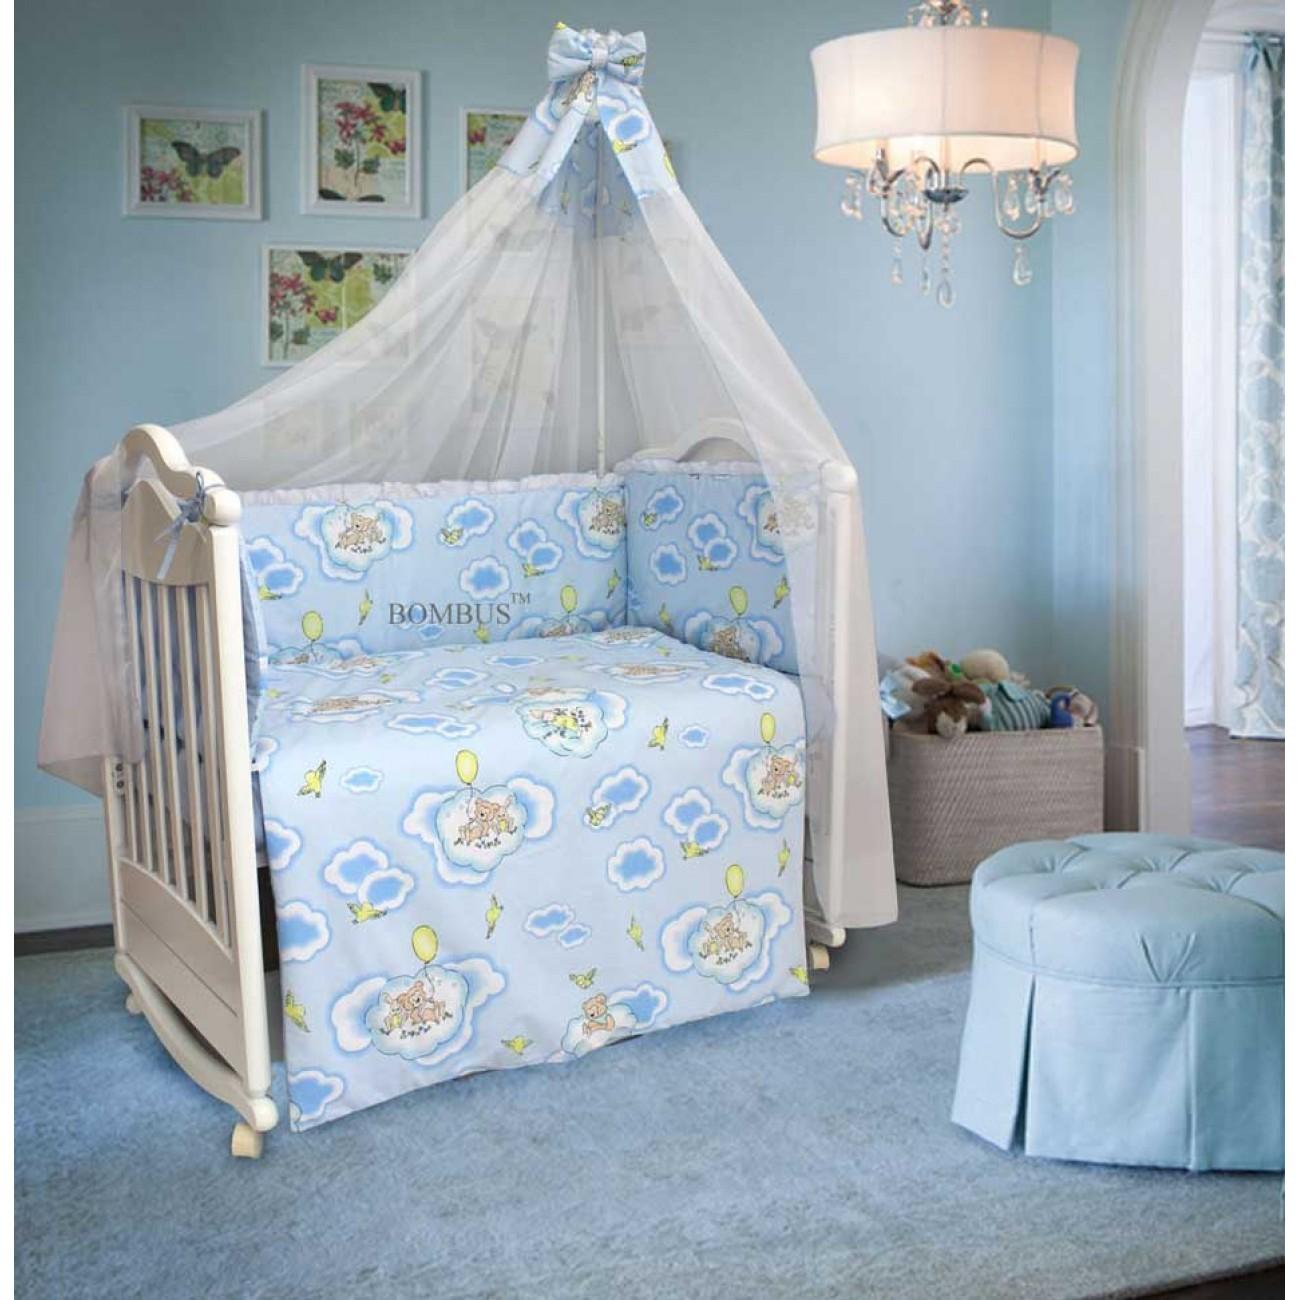 Купить Бампер в кроватку – Сладкий сон, голубой, Bombus